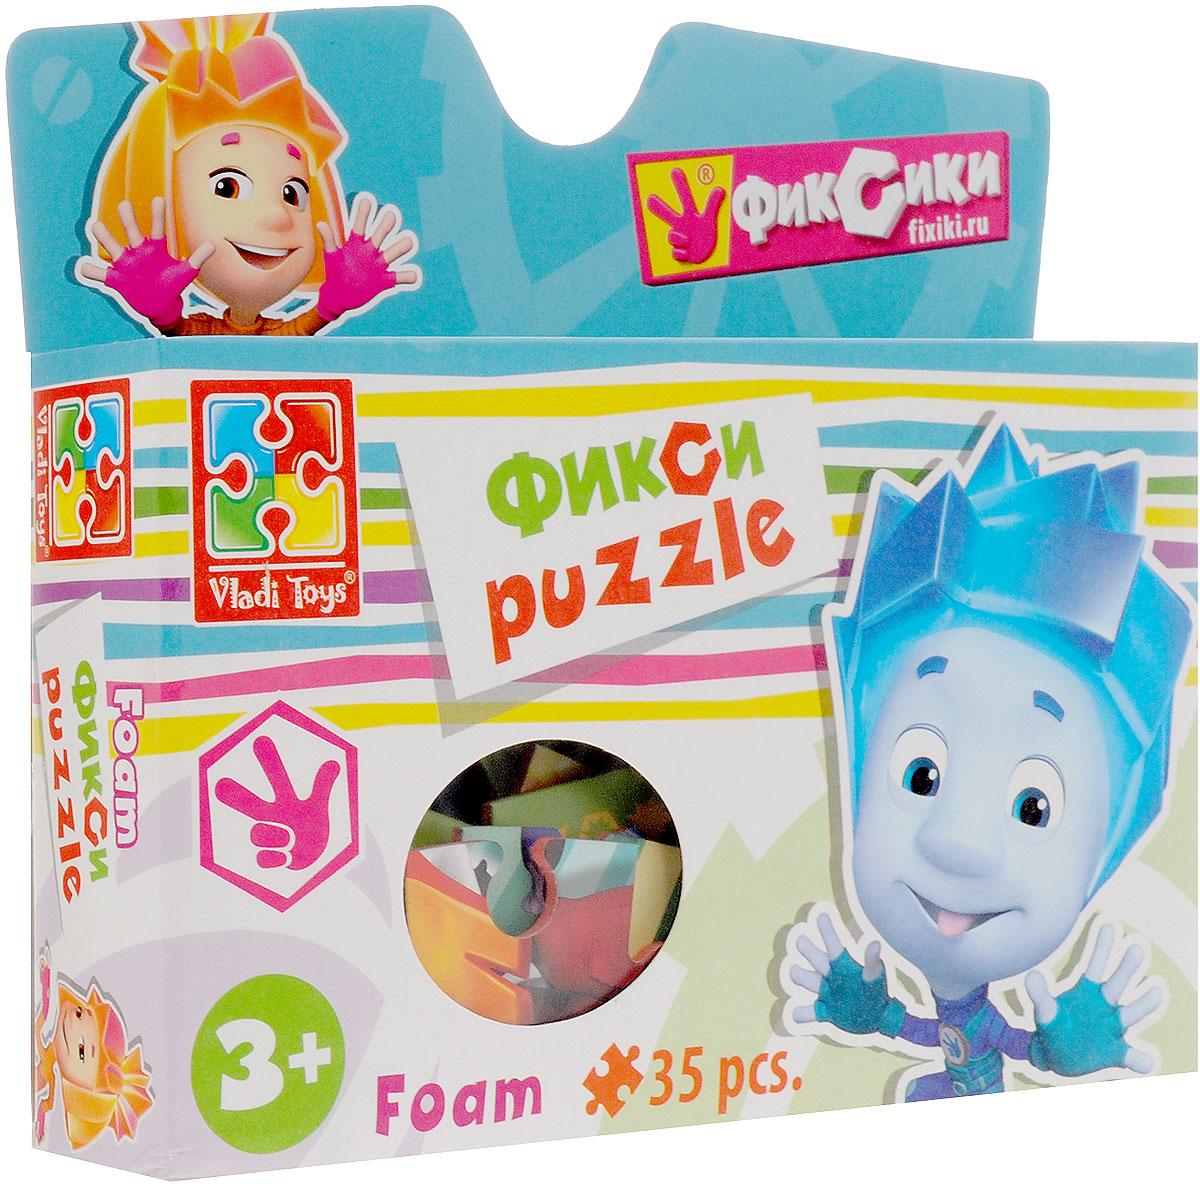 Vladi Toys Пазл для малышей Фиксики фиксики настольная игра поле пазл тыдыщь в подарок мини пазл 20 элементов фиксики